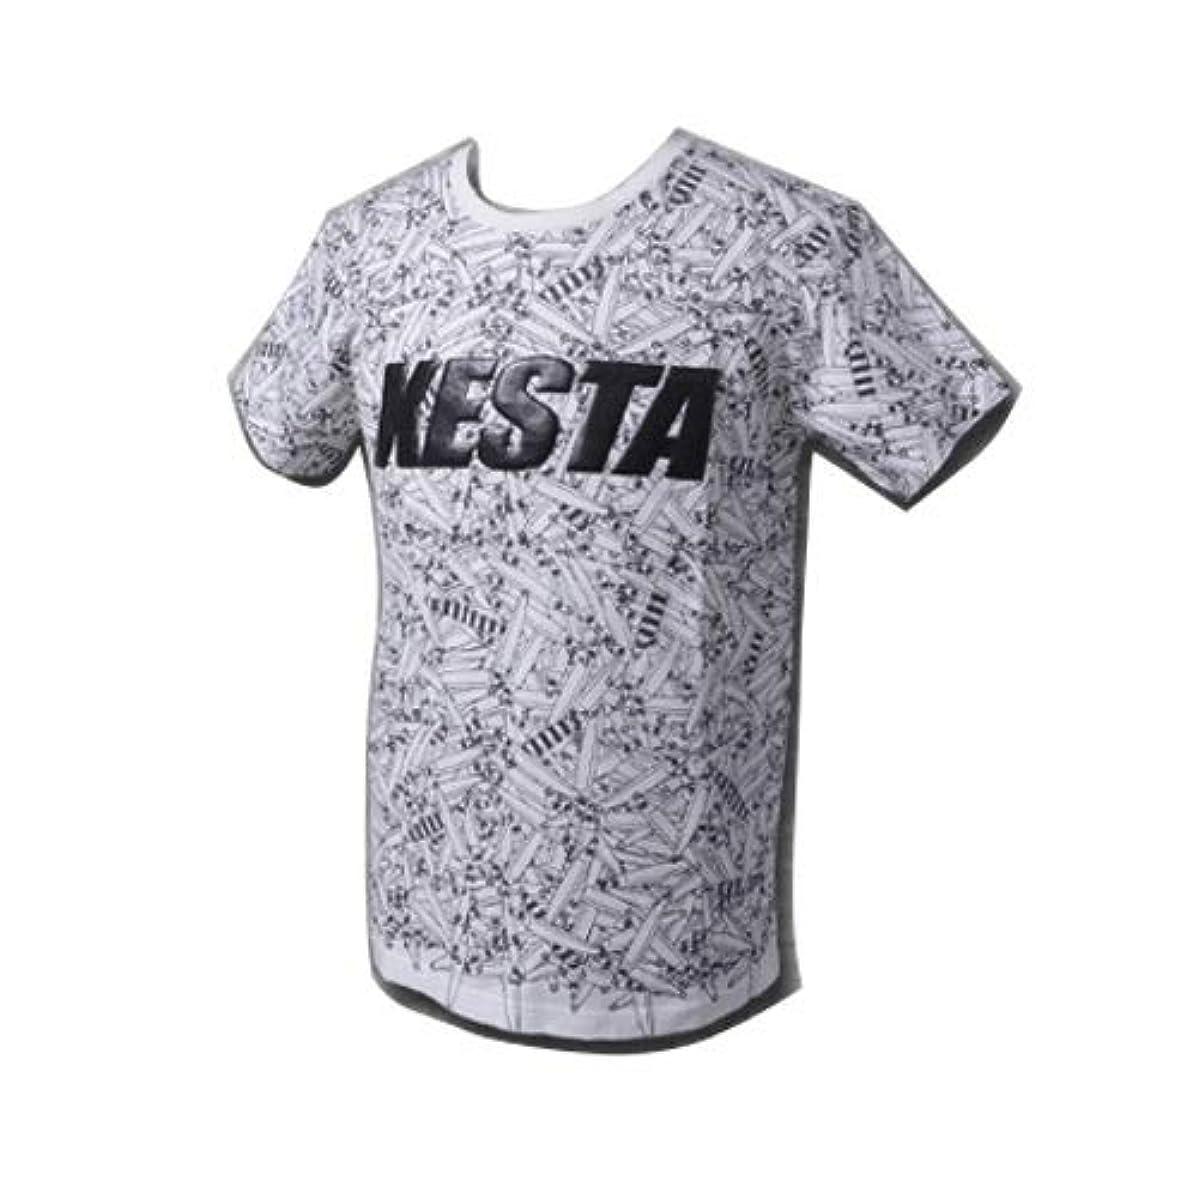 合体ドナウ川どきどきゼスタ(XESTA) T-シャツ(フルプリント) M ホワイト